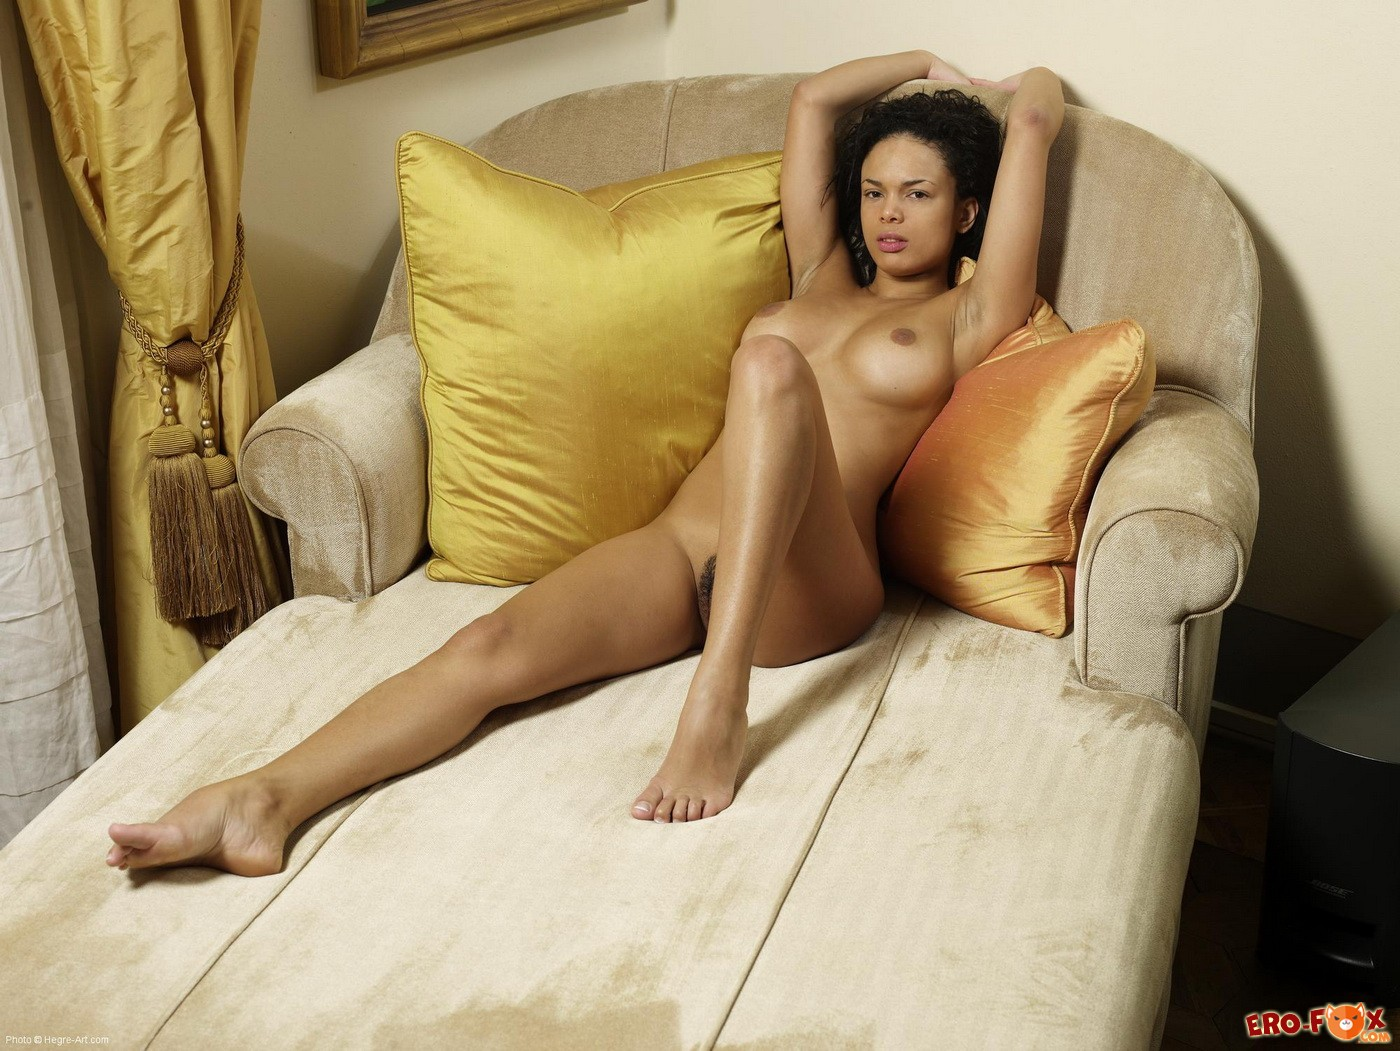 Бразильянка с упругими голыми сиськами на диване - фото